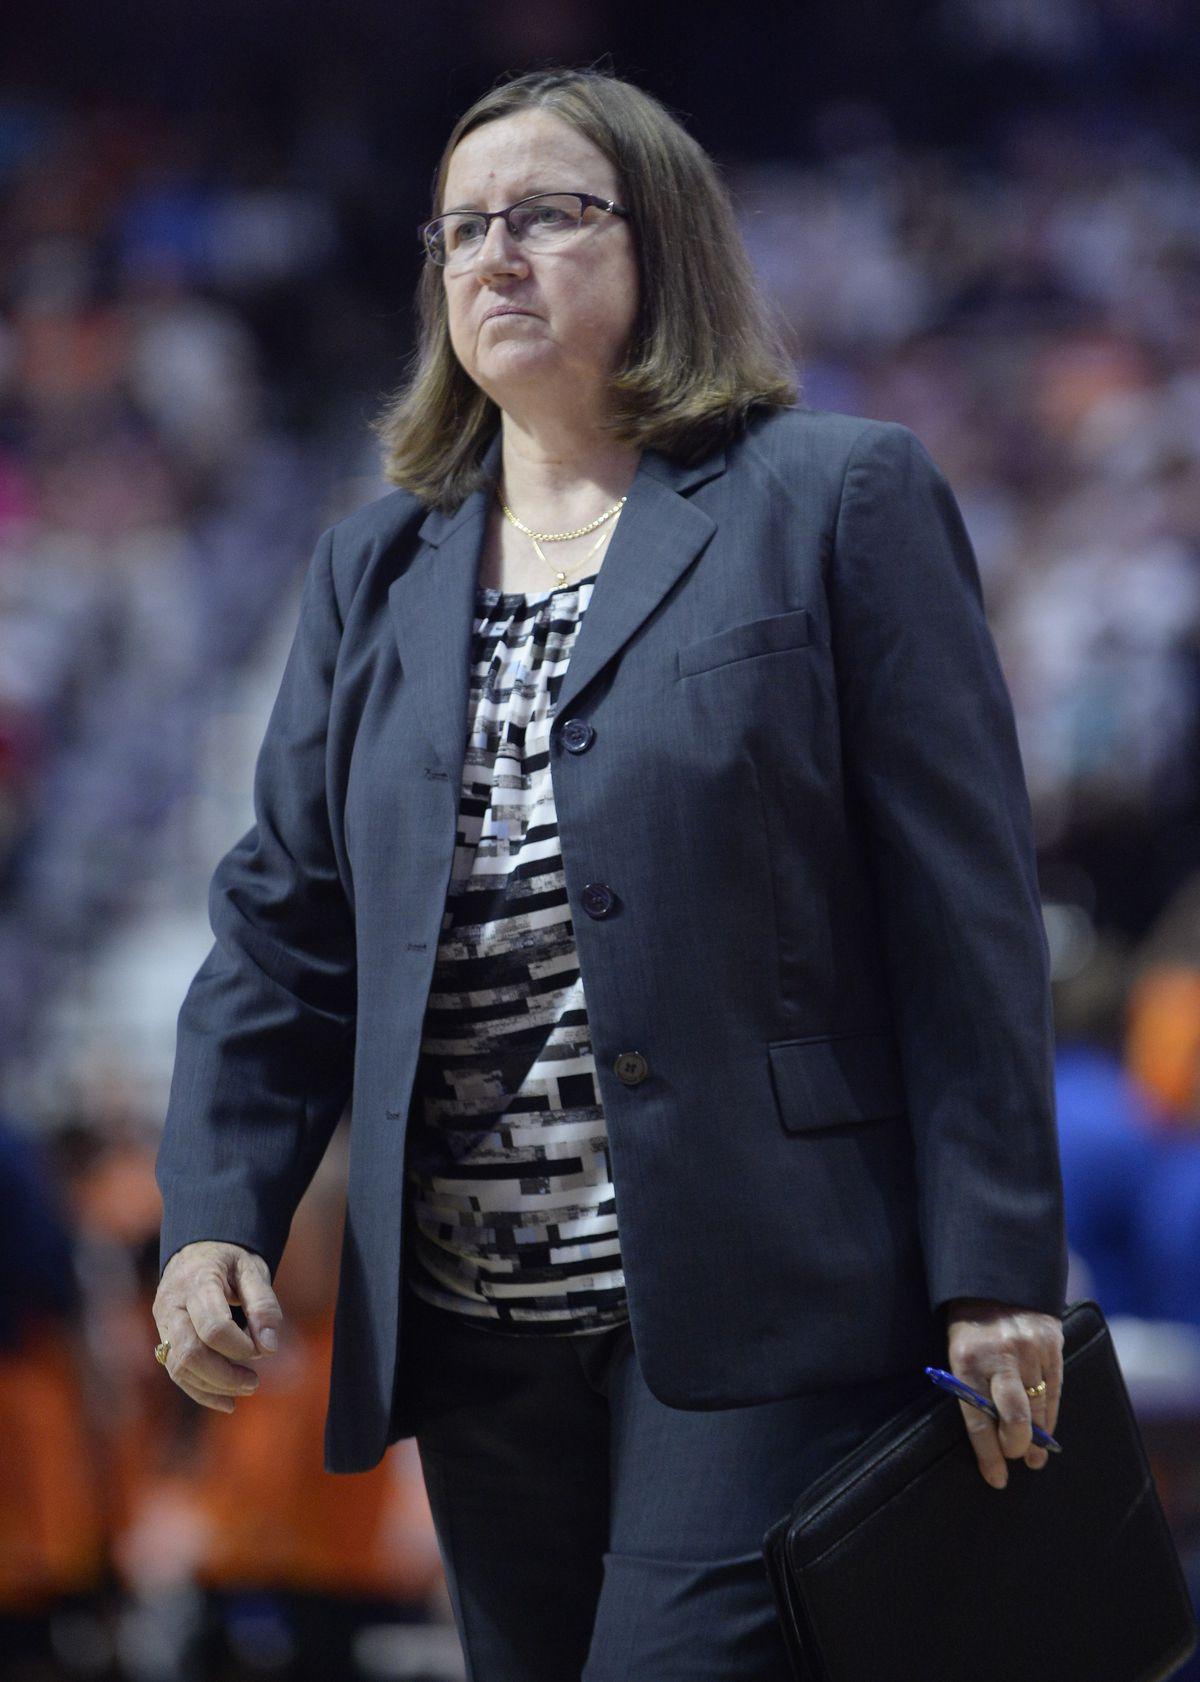 WNBA: JUL 08 Washington Mystics at Connecticut Sun